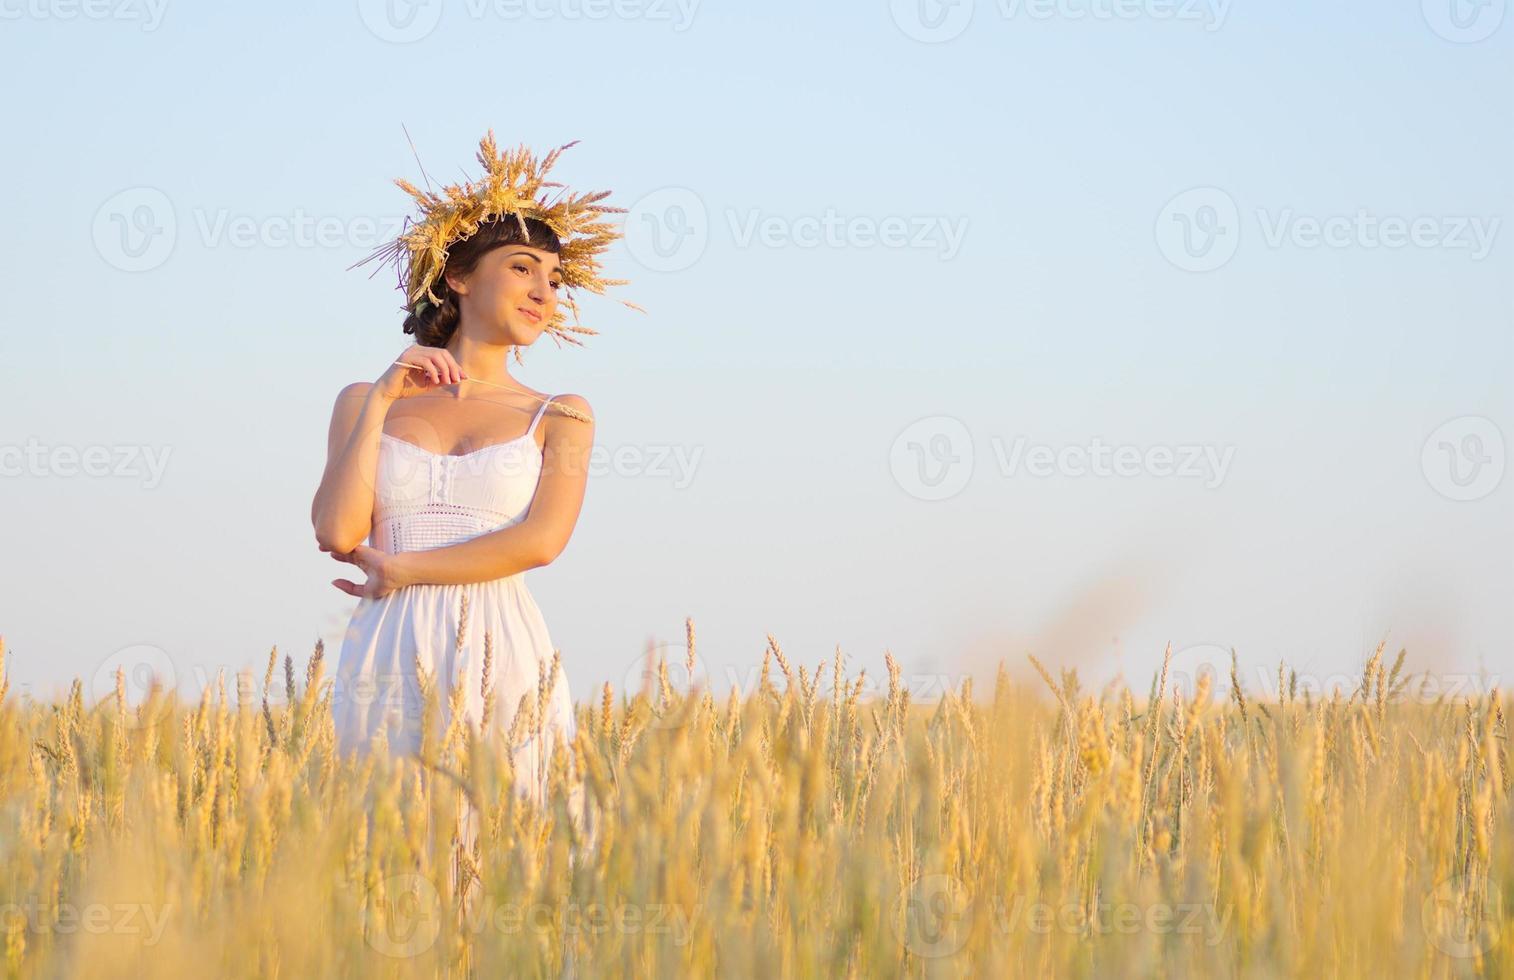 fille sur le champ de blé photo